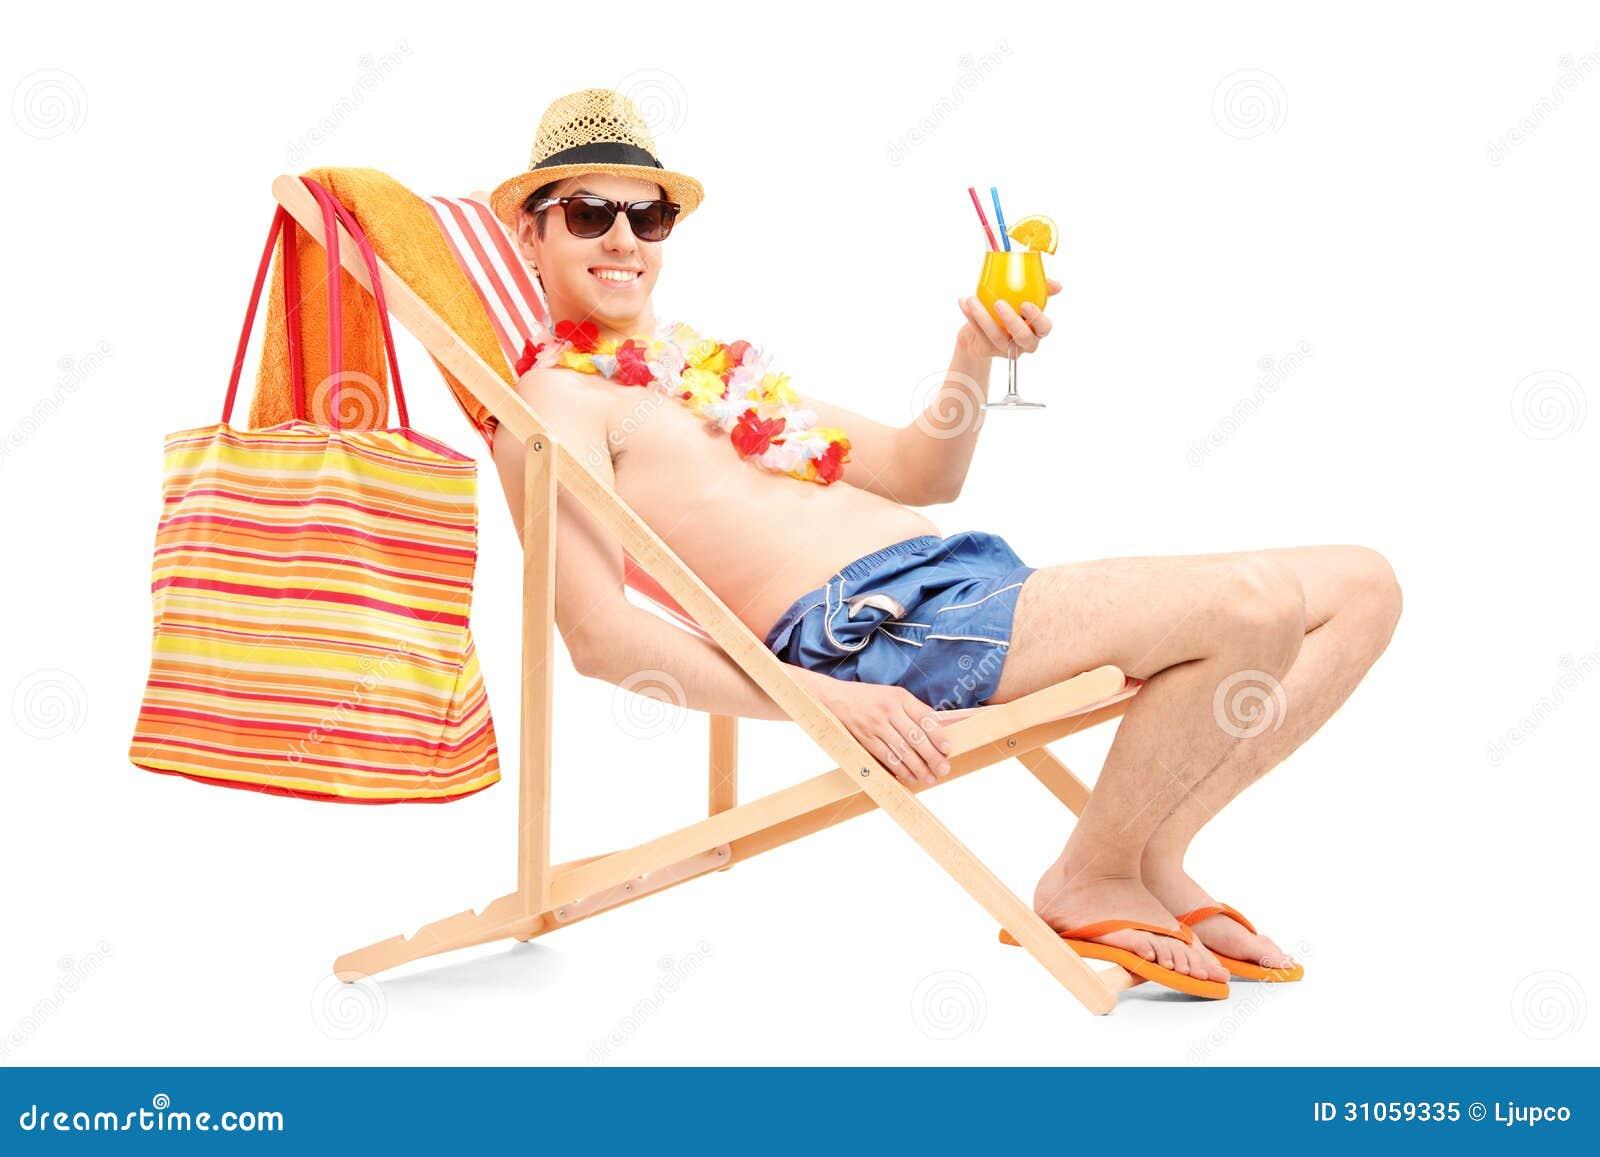 sex on the beach drink mann søker mann